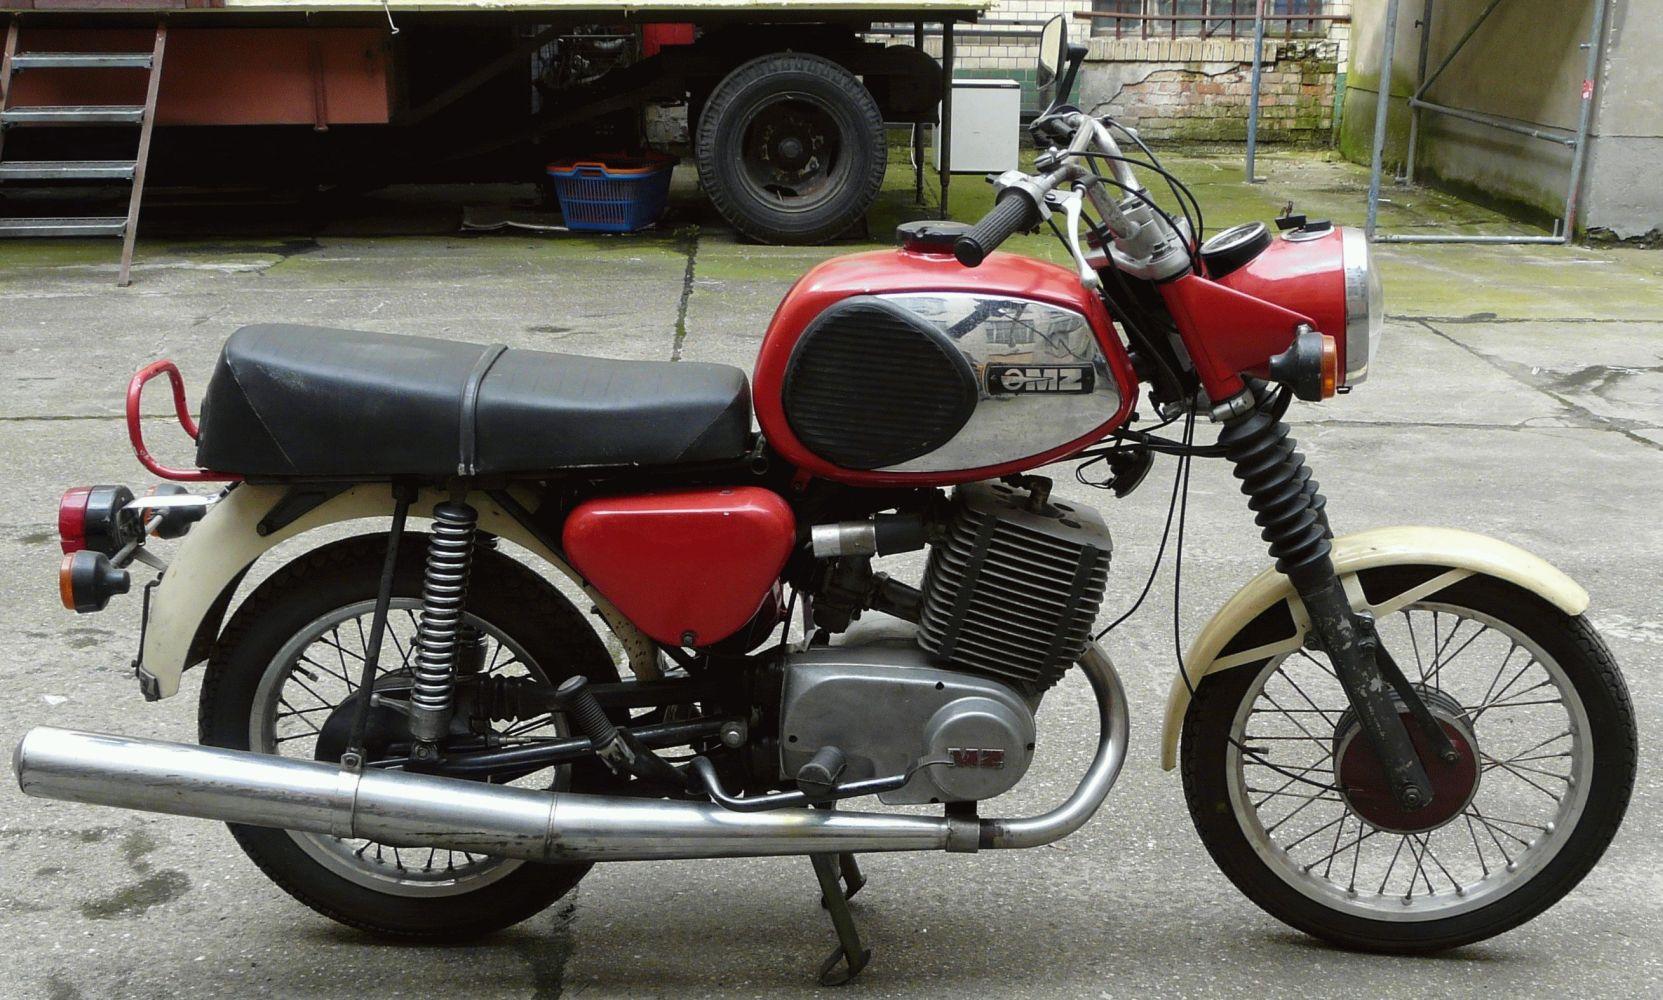 mz motorrad dreir der zum abschied mz ist nicht zu retten. Black Bedroom Furniture Sets. Home Design Ideas